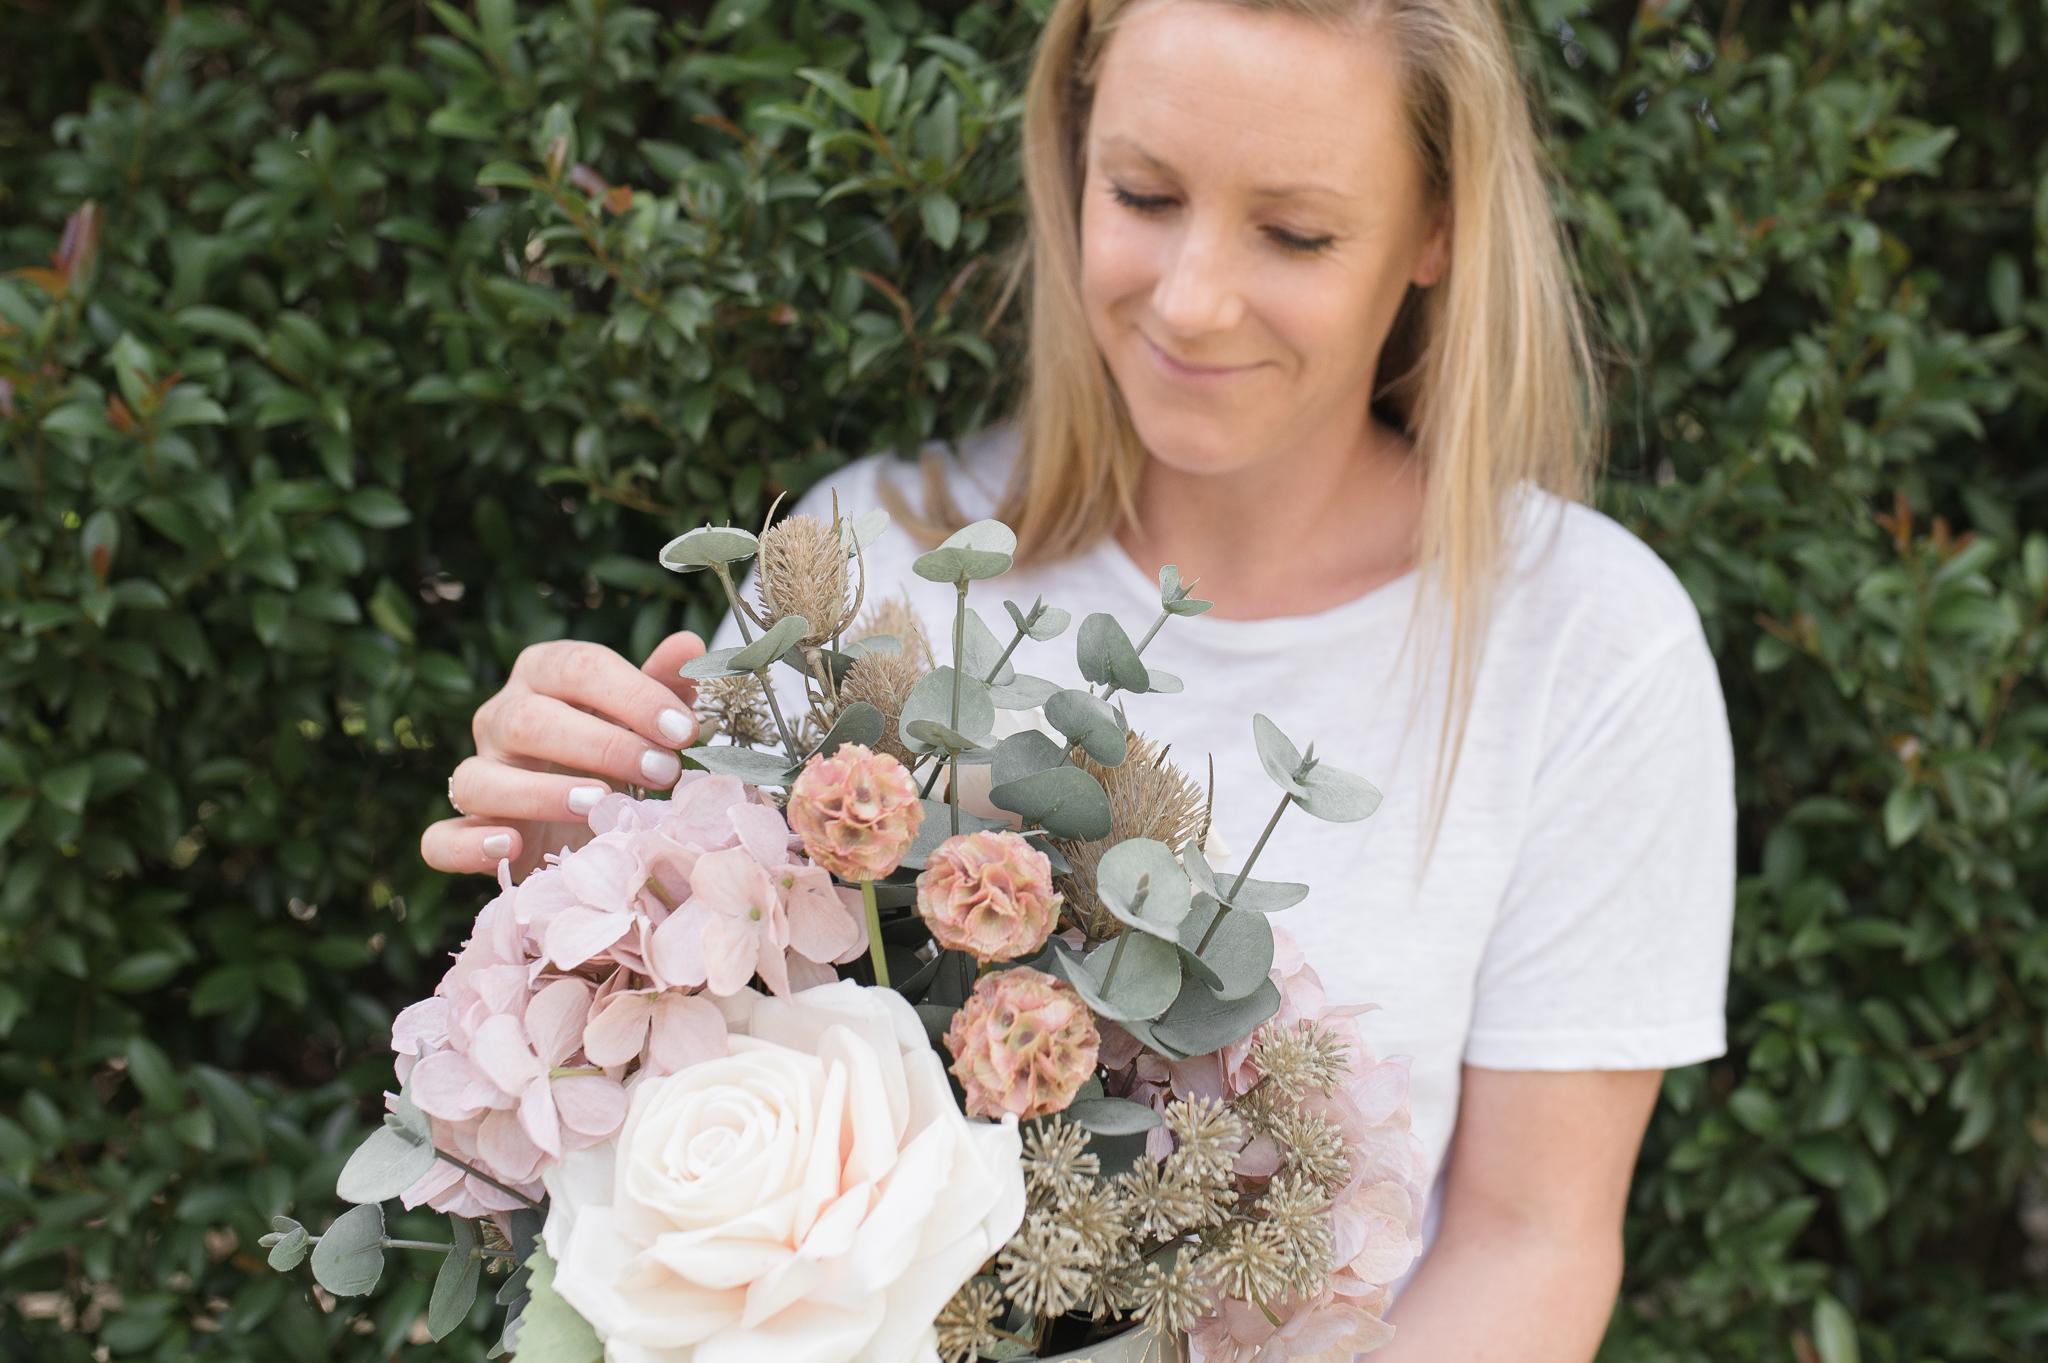 Secret-Blooms-Artificial-Flowers-Australia